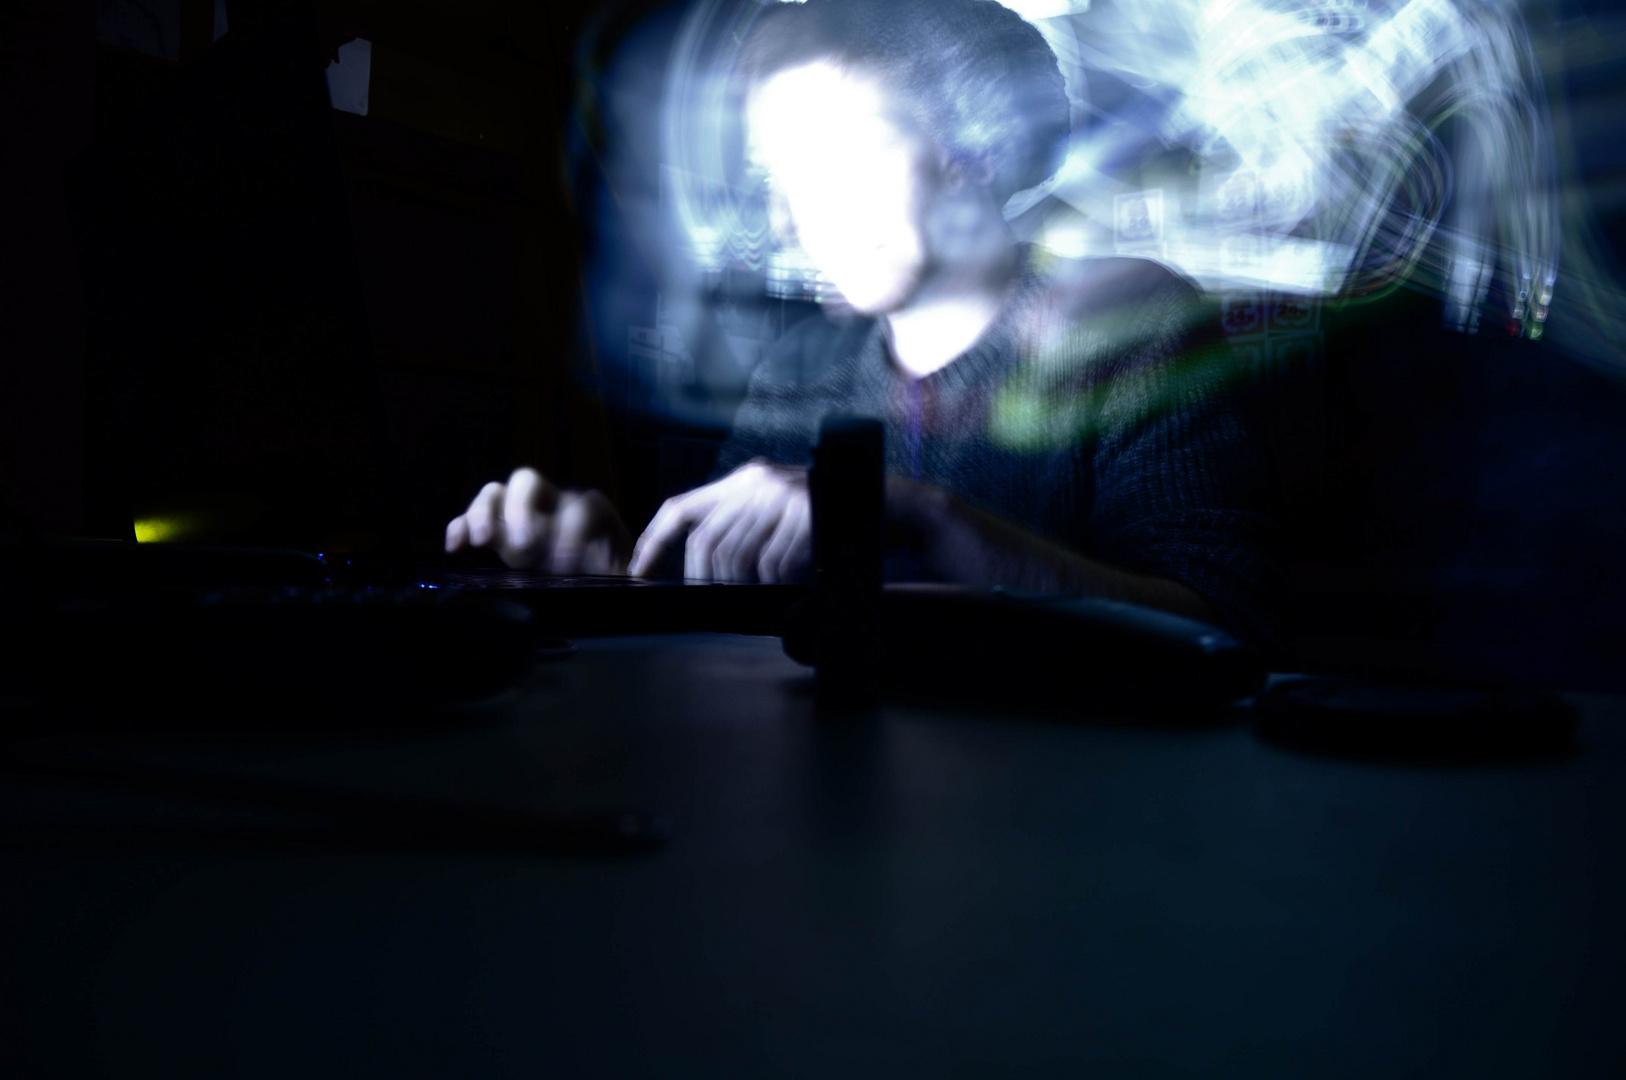 Hidden behind the screen, is a slender teen.